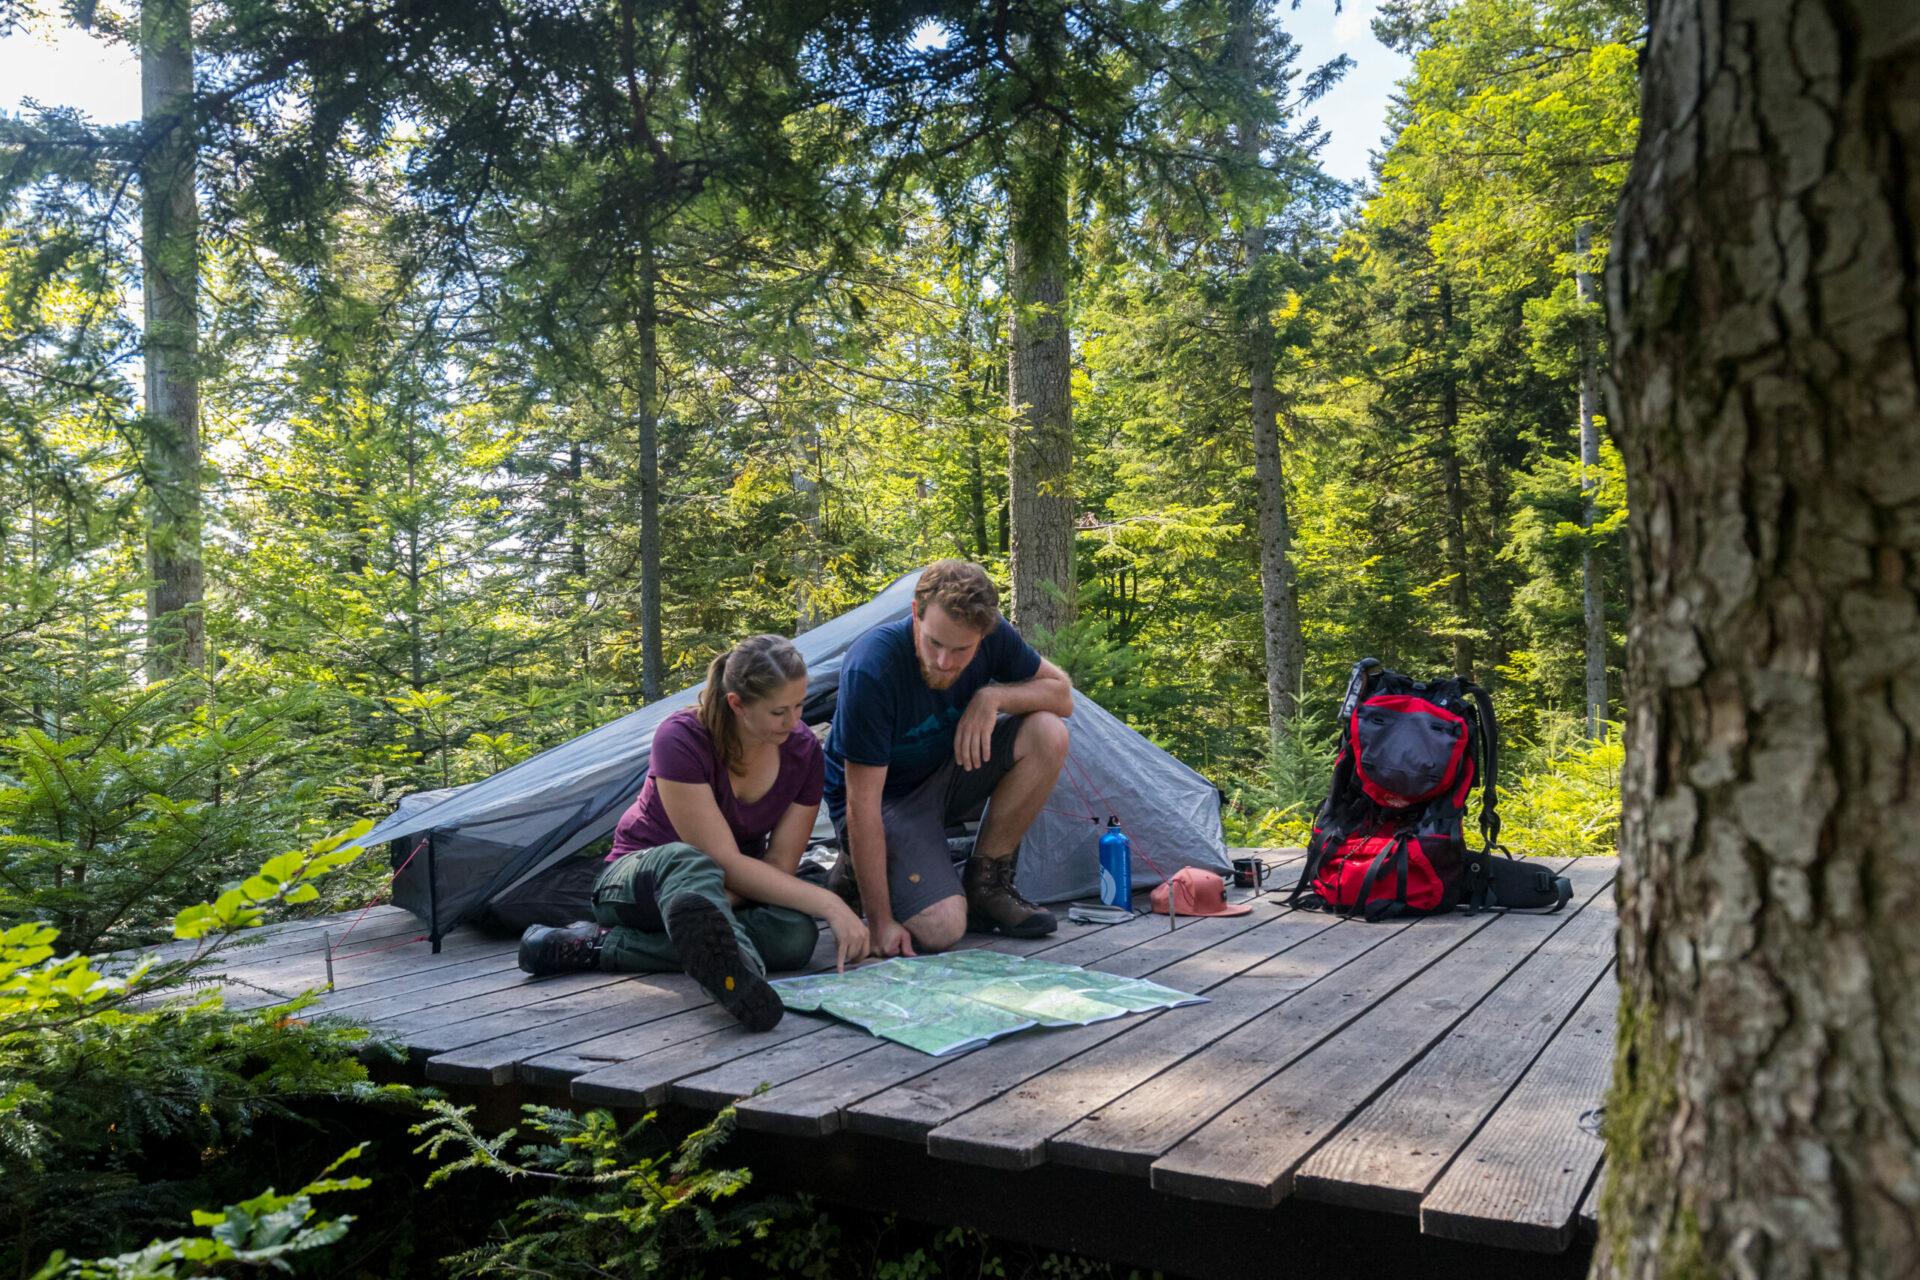 Beim Trekking im Schwarzwald dürfen naturverbundene Wanderer ihr Zelt ganz legal mitten im Wald aufschlagen. Foto: Sebastian Schröder-Esch